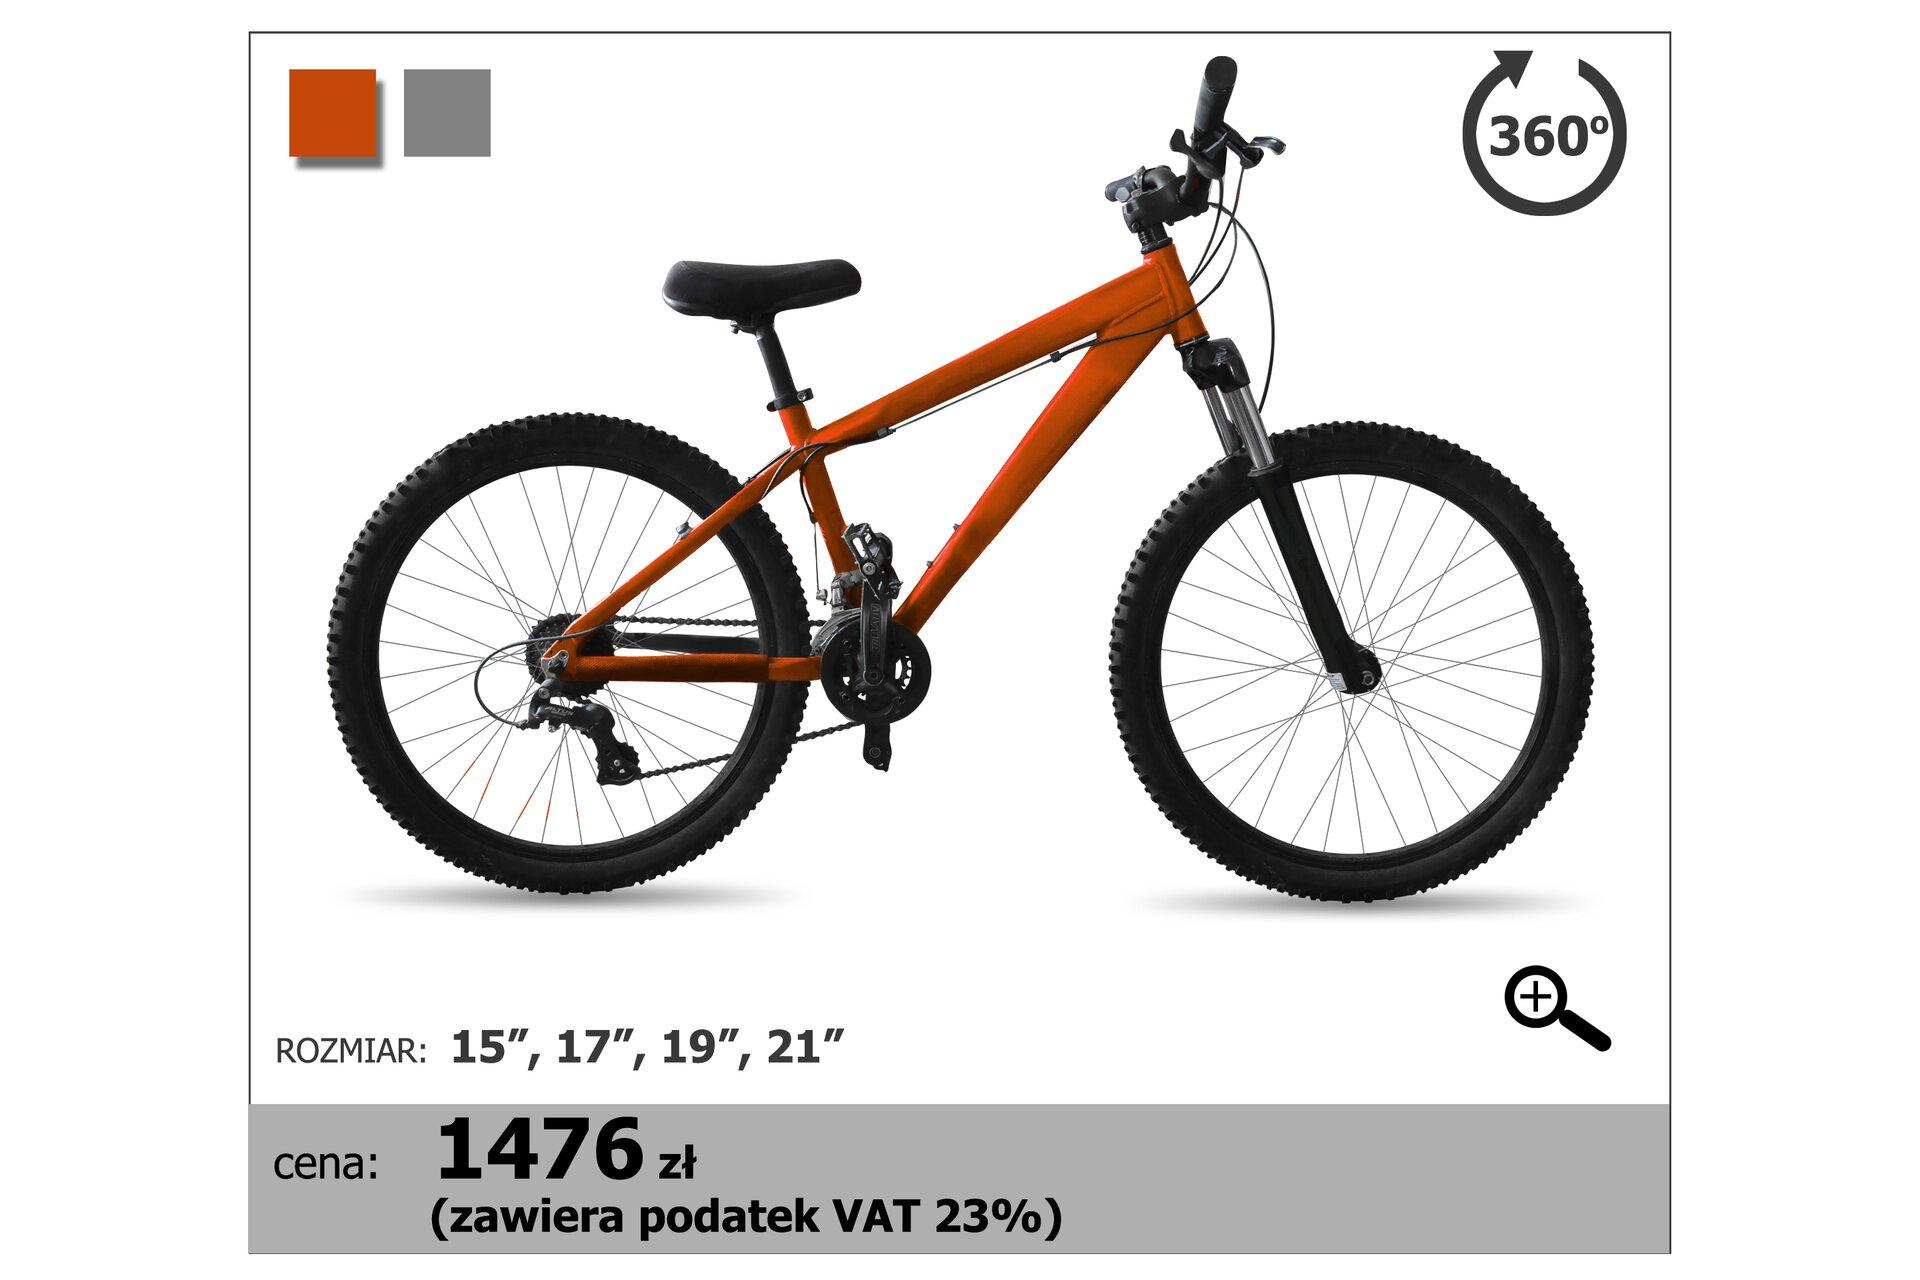 Rysunek roweru, którego cena wynosi 1476 złotych. Cena zawiera 23% podatek VAT.